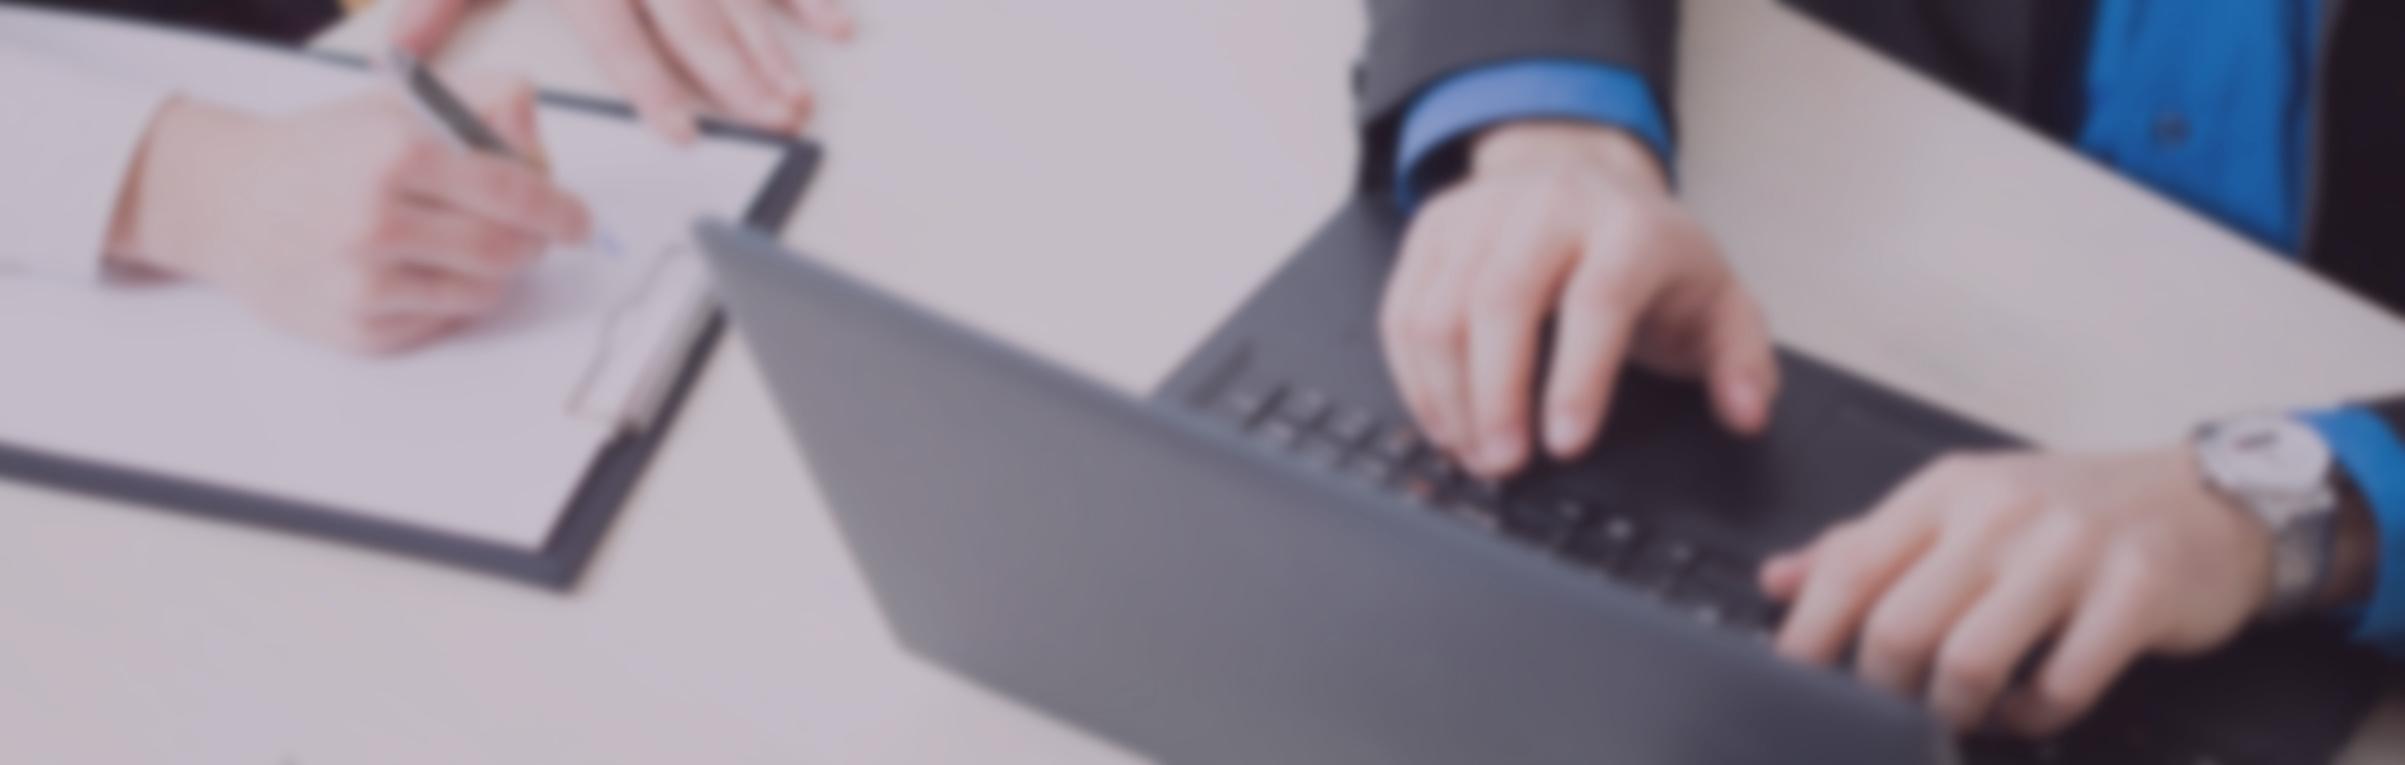 Développement d'applications web & Services liés au support de communication numérique